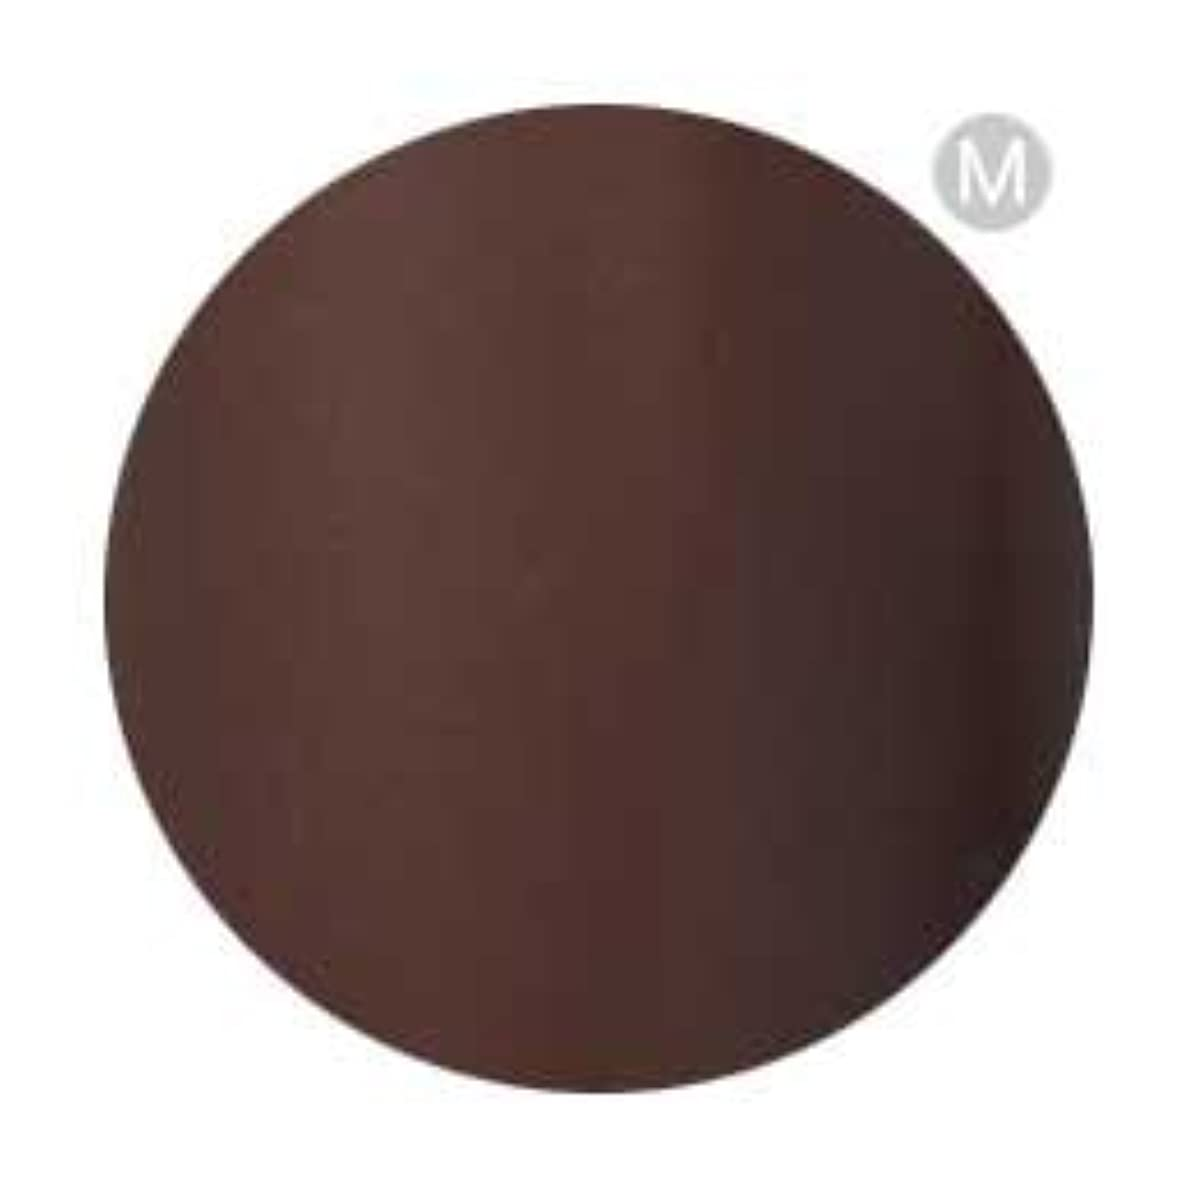 公使館生産的オデュッセウスPalms Graceful カラージェル 3g 050 チョコレート